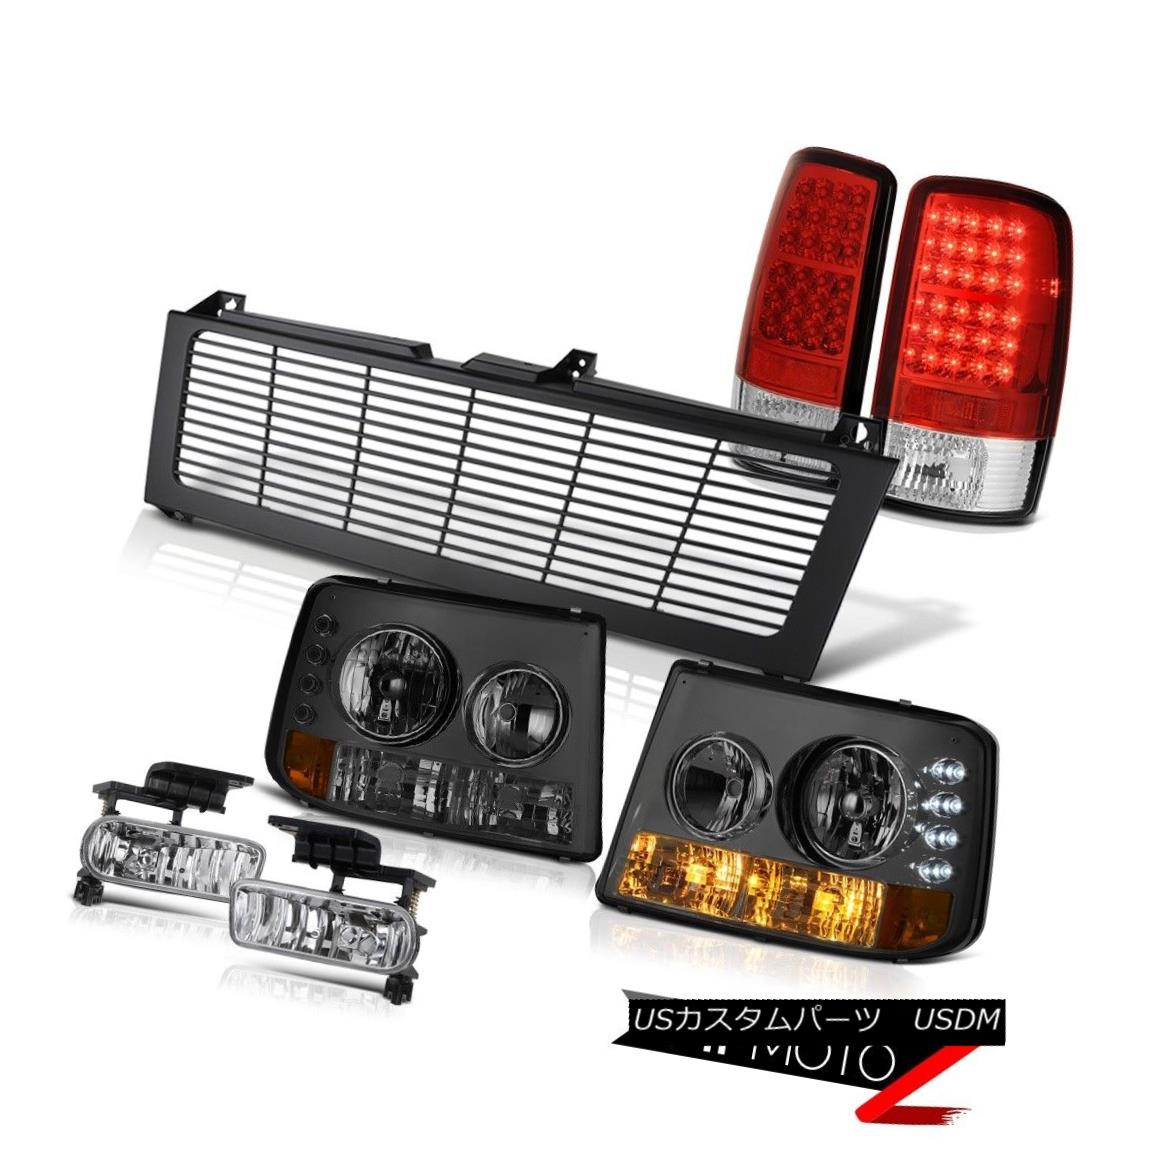 テールライト 2000-2006 Suburban 8.1L Bumper Headlight L.E.D Tail Lamp Chrome Fog Black Grille 2000-2006郊外8.1LバンパーヘッドライトL.E.Dテールランプクロームフォグブラックグリル